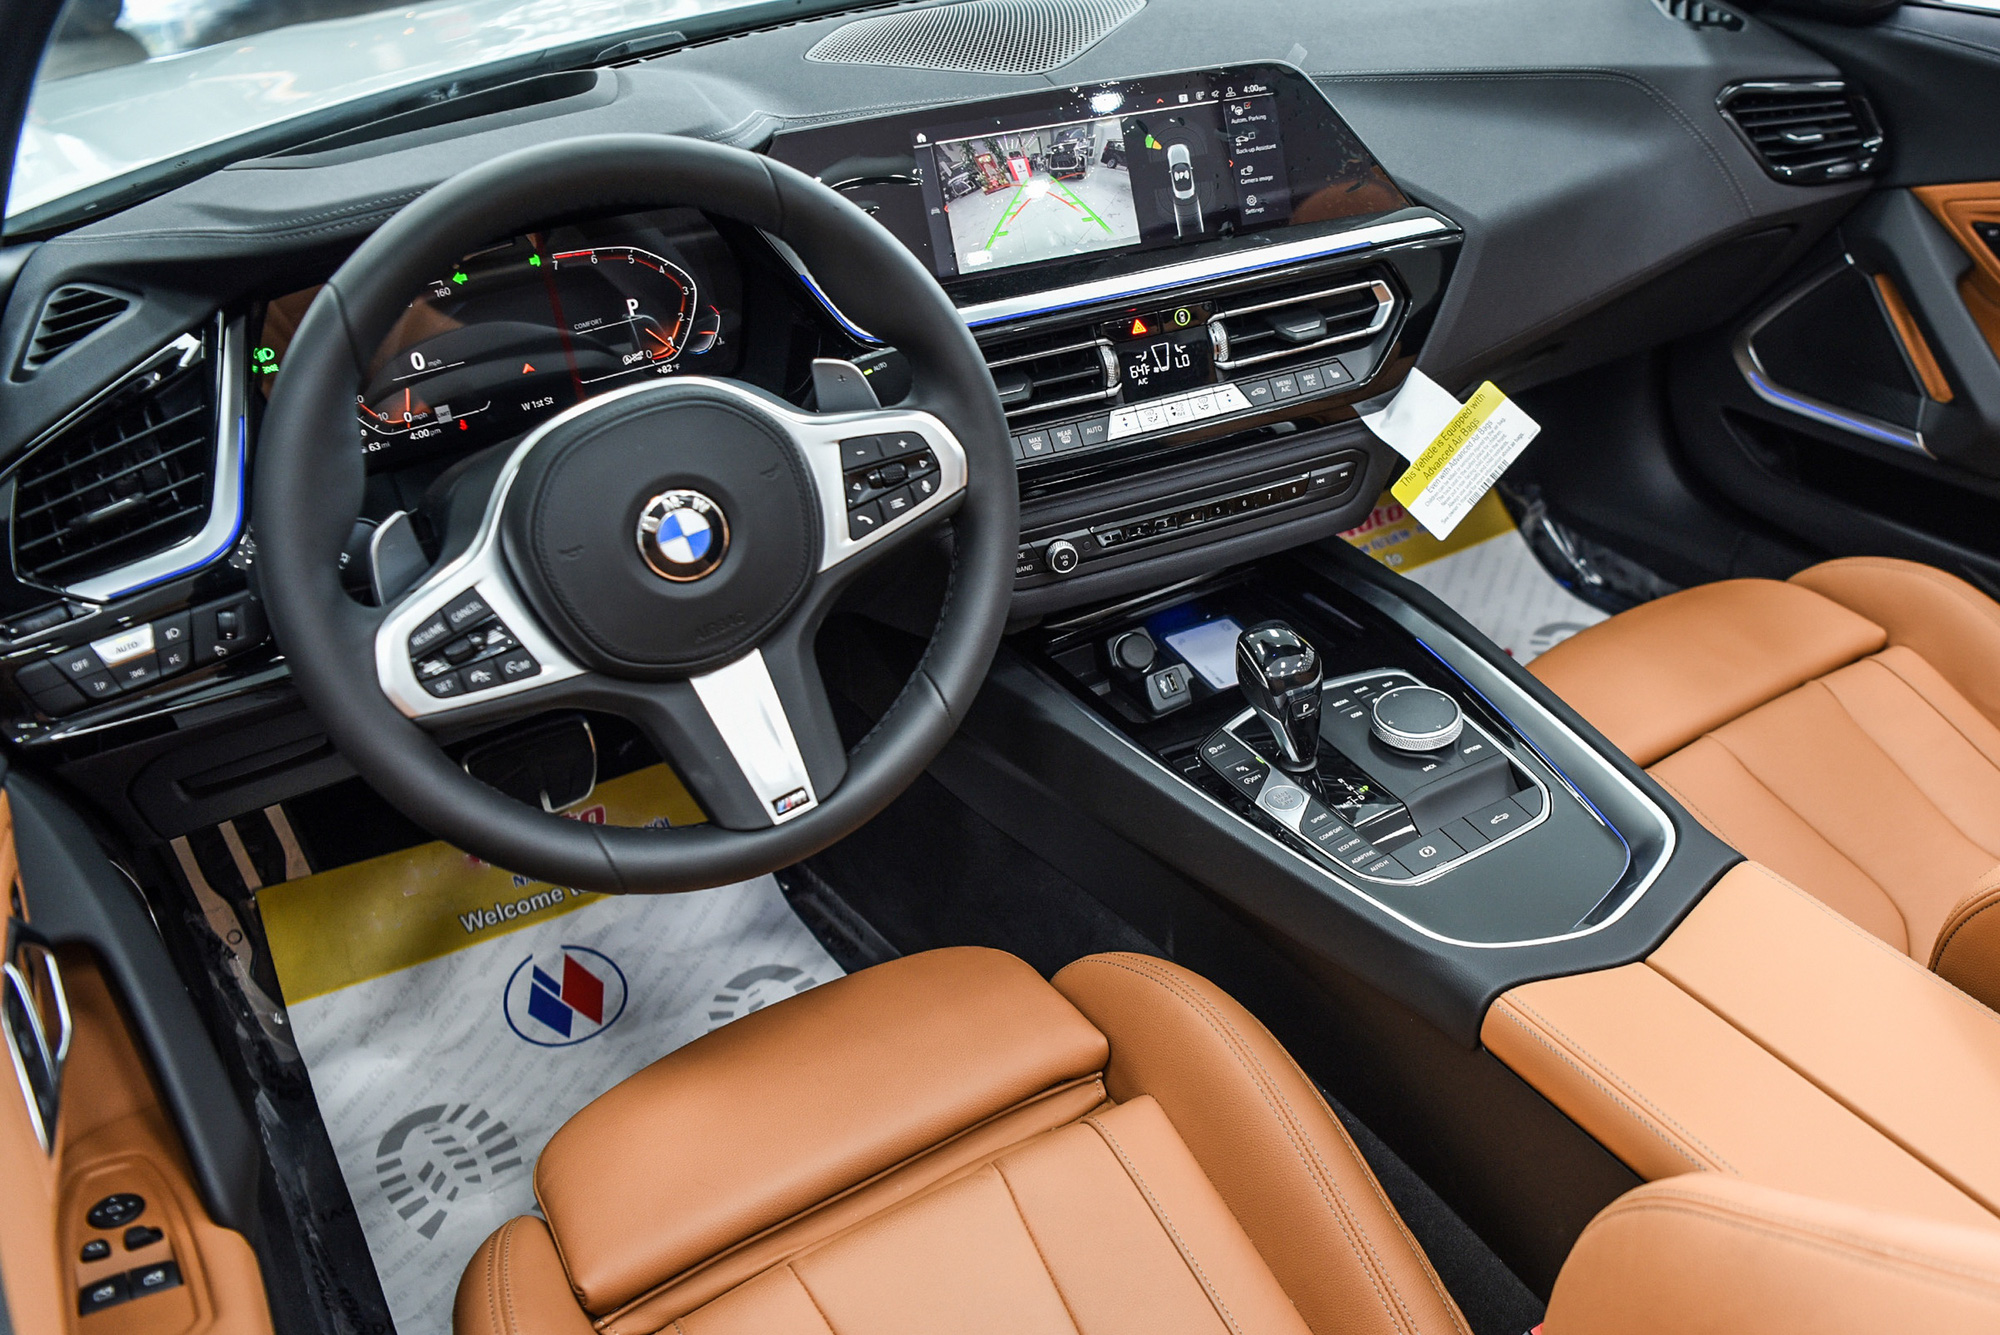 Chi tiết BMW Z4 sDrive30i M-Sport 2020 đầu tiên tại Việt Nam - Ảnh 5.